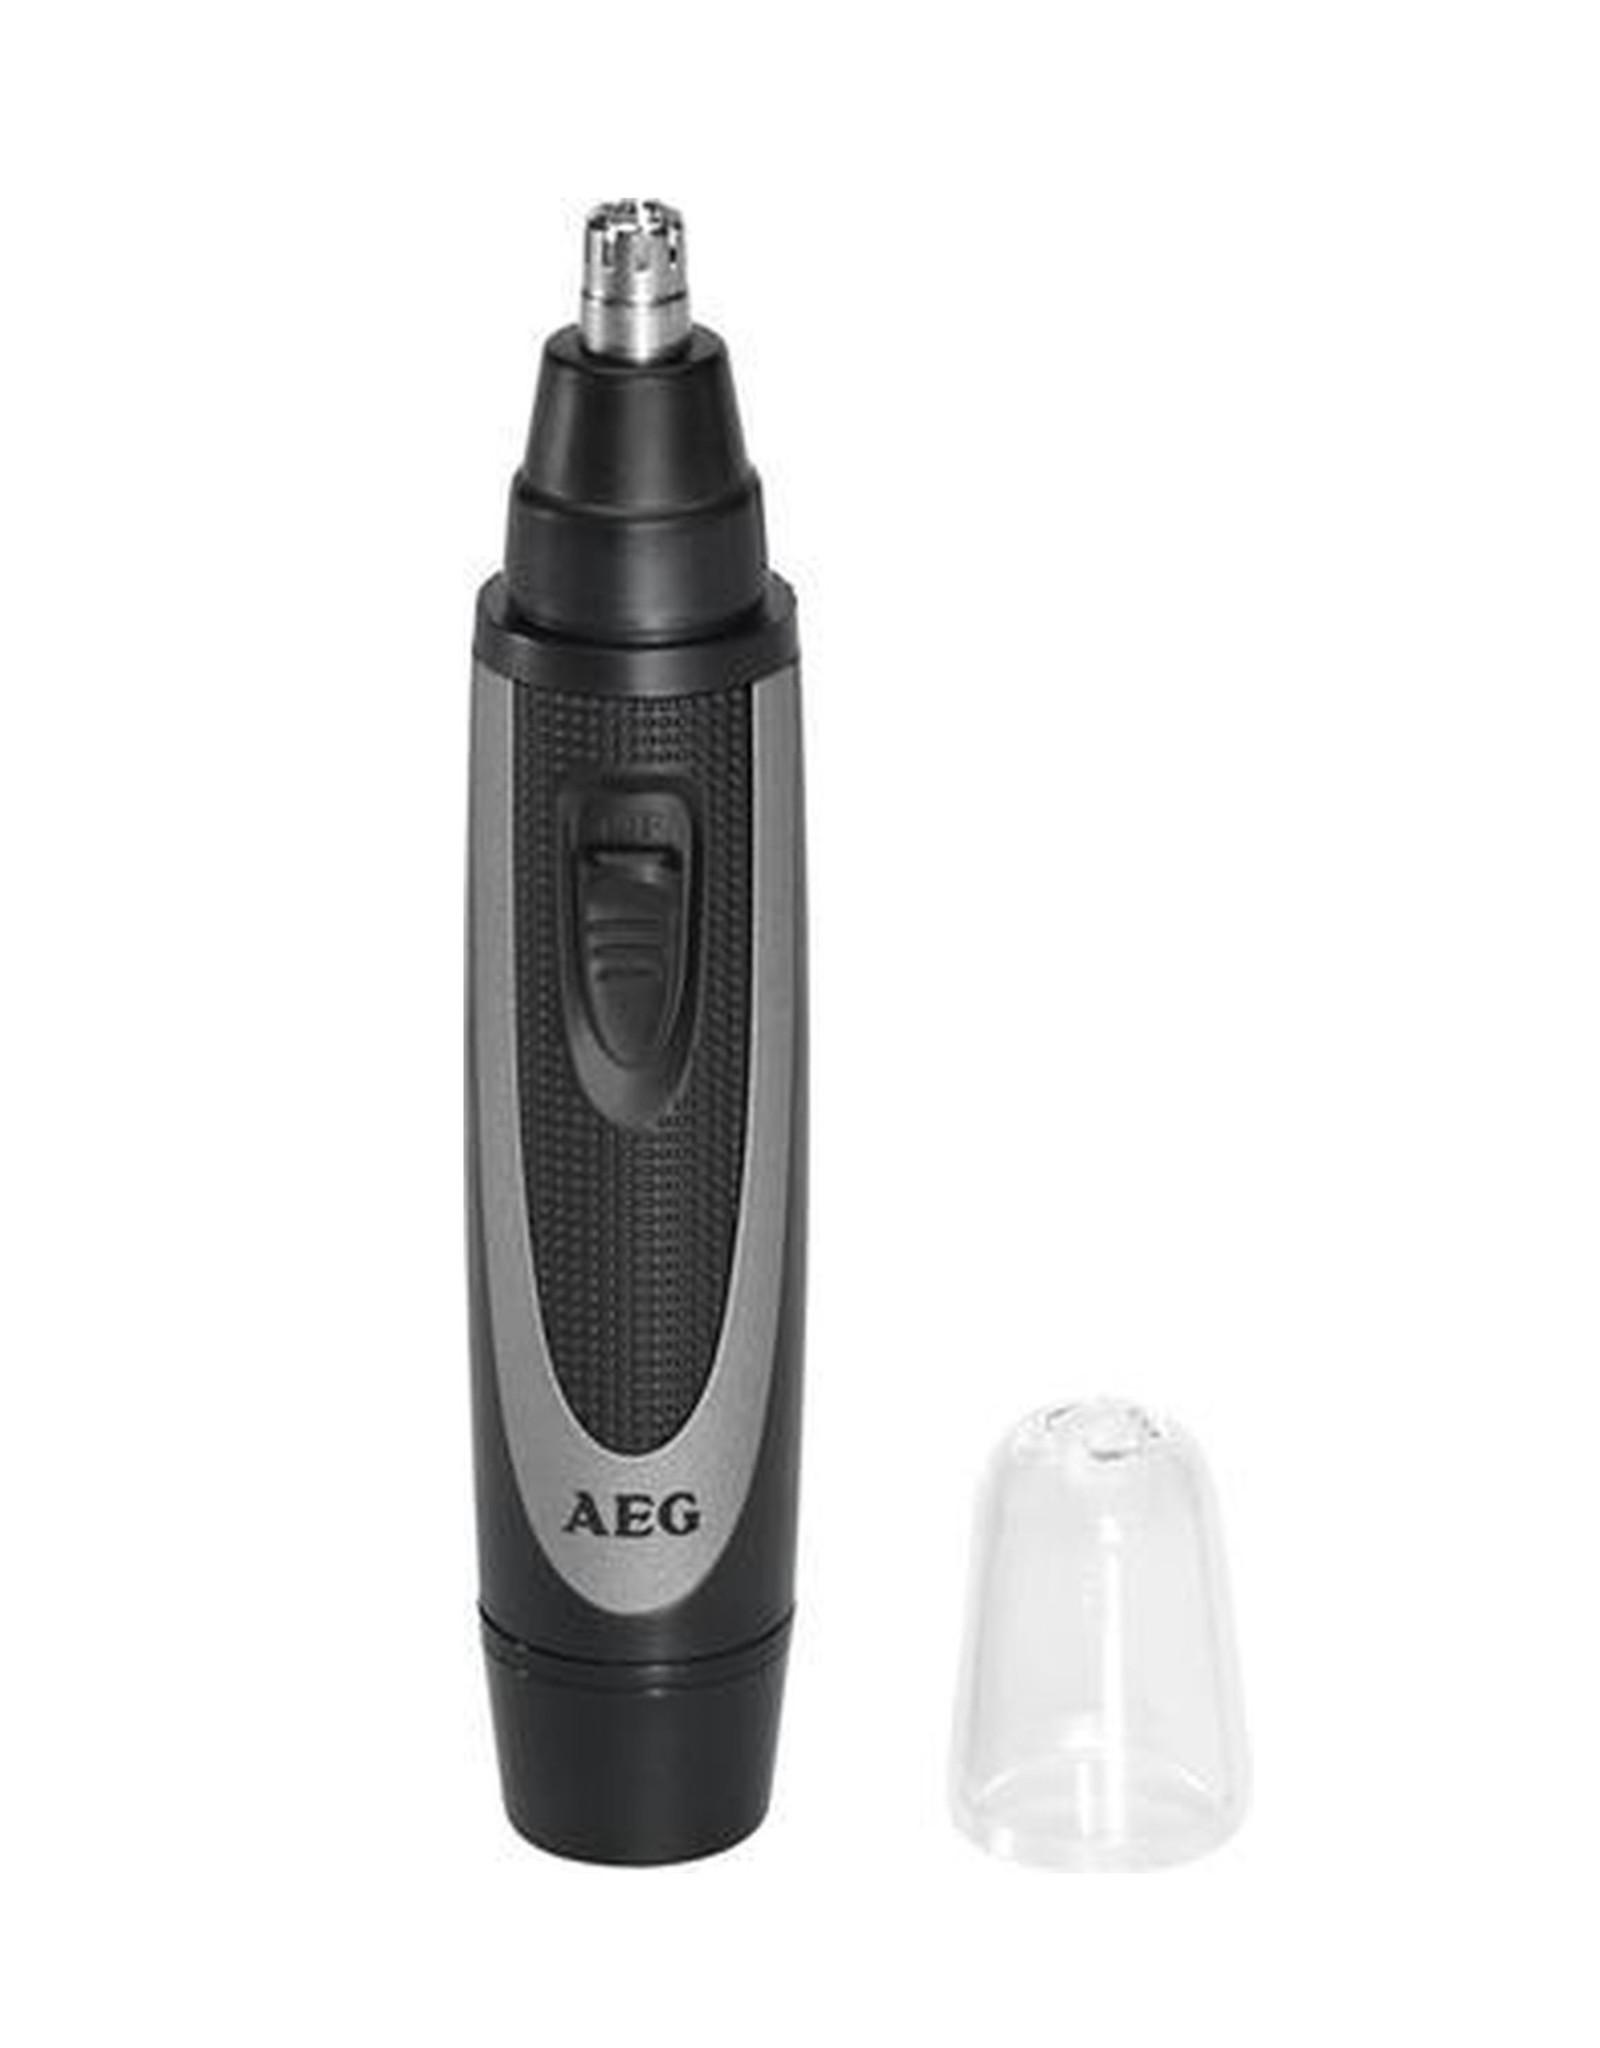 AEG AEG - Nose- and Earhair clipper - Black